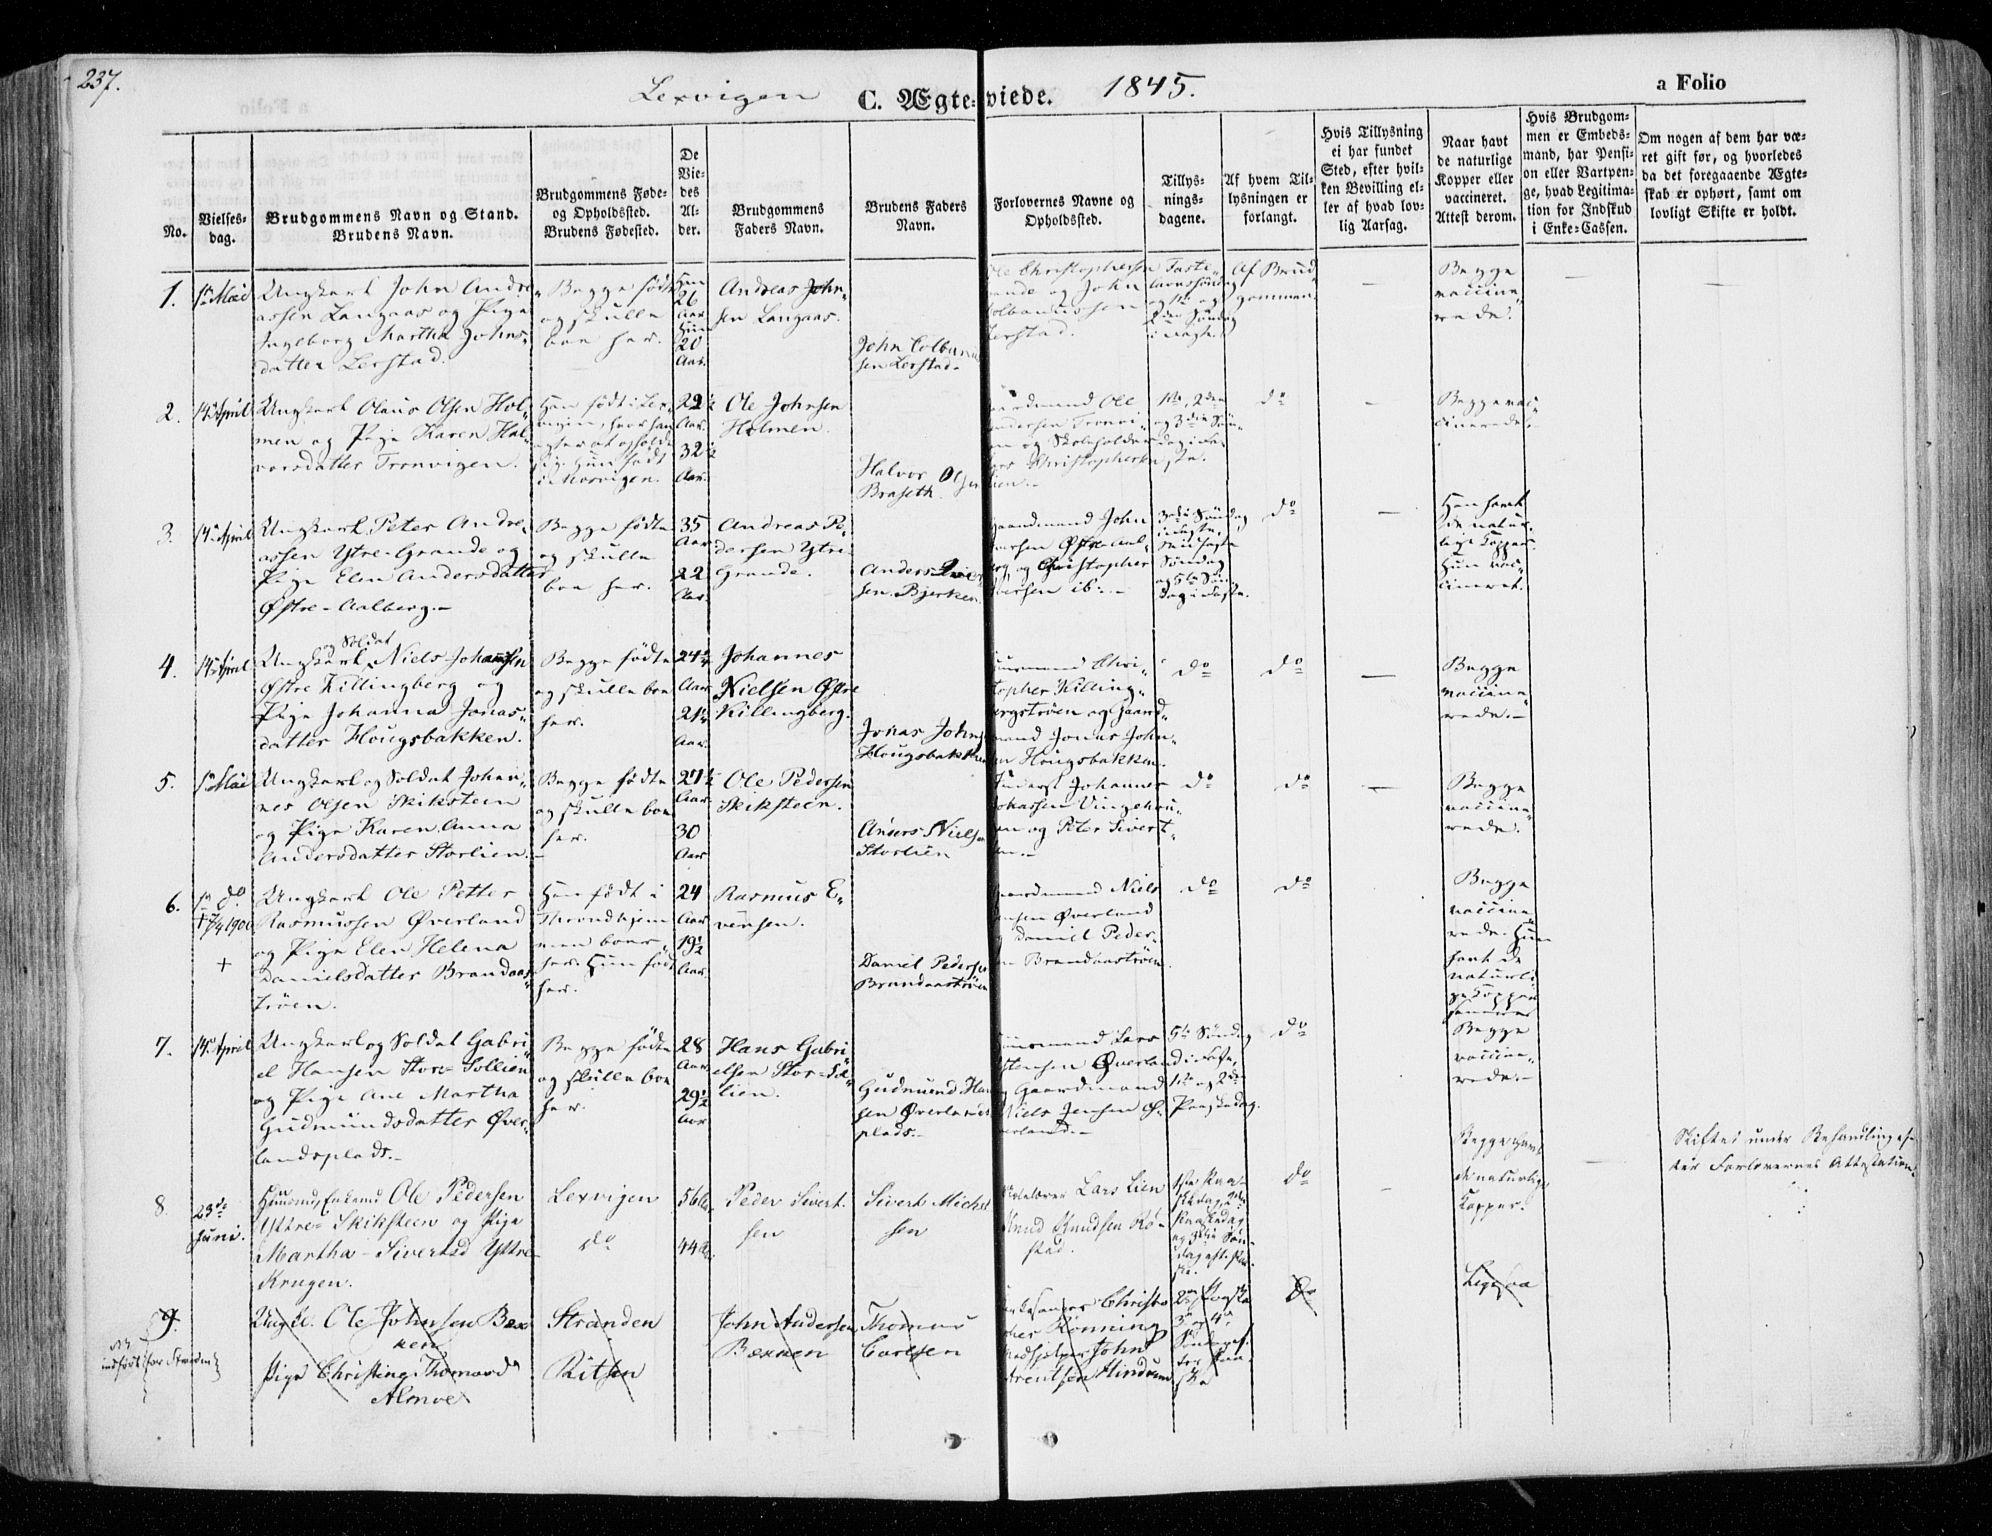 SAT, Ministerialprotokoller, klokkerbøker og fødselsregistre - Nord-Trøndelag, 701/L0007: Ministerialbok nr. 701A07 /1, 1842-1854, s. 237